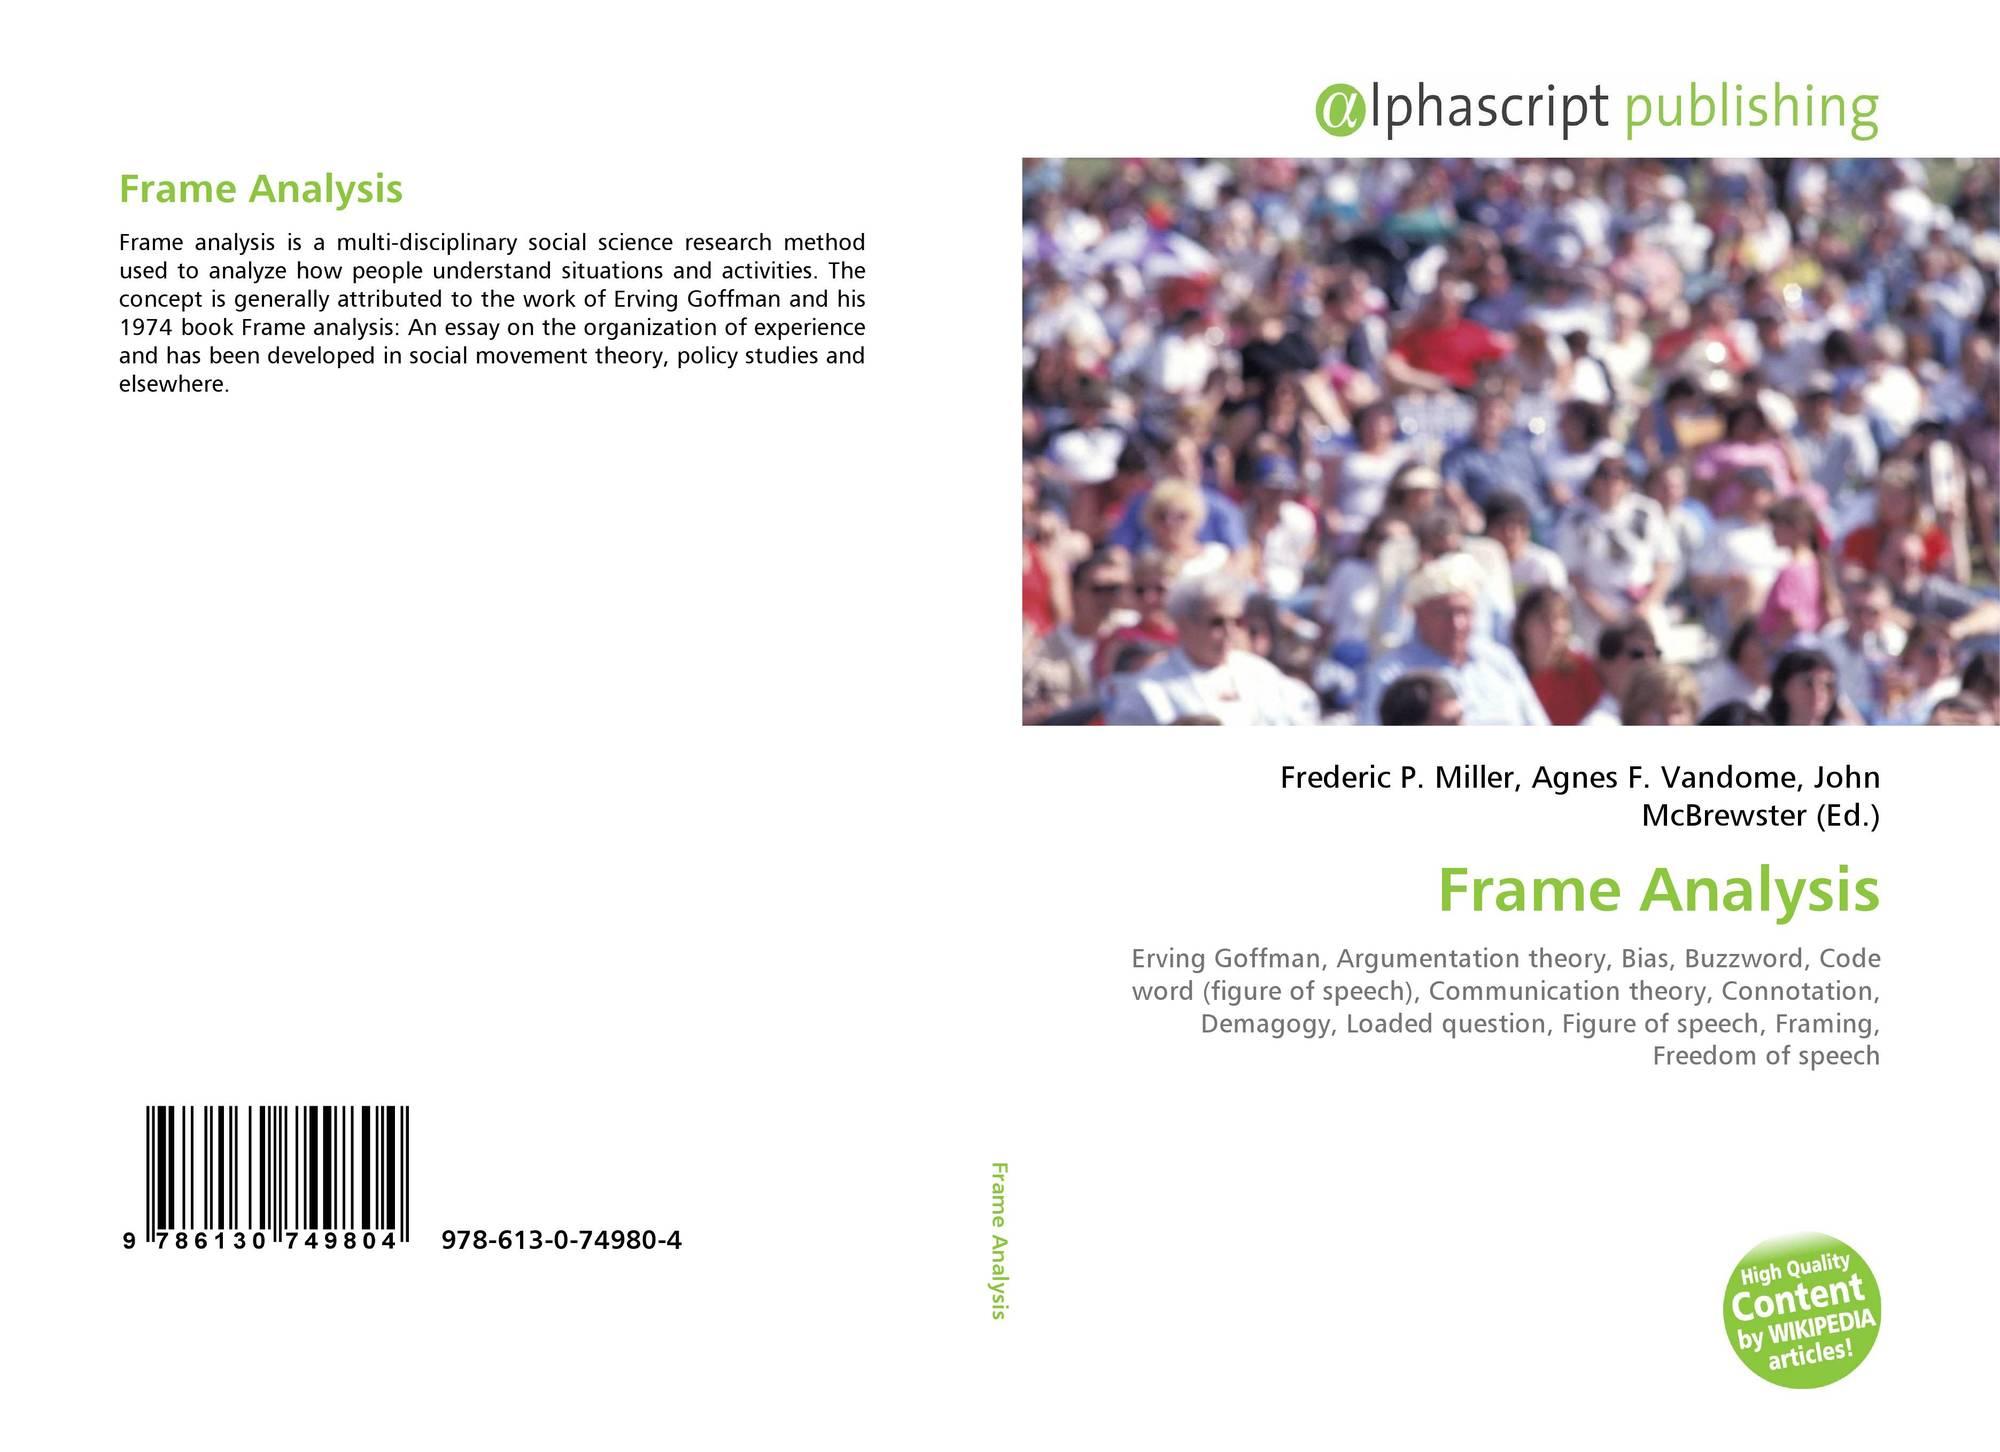 Frame Analysis, 978-613-0-74980-4, 6130749805 ,9786130749804